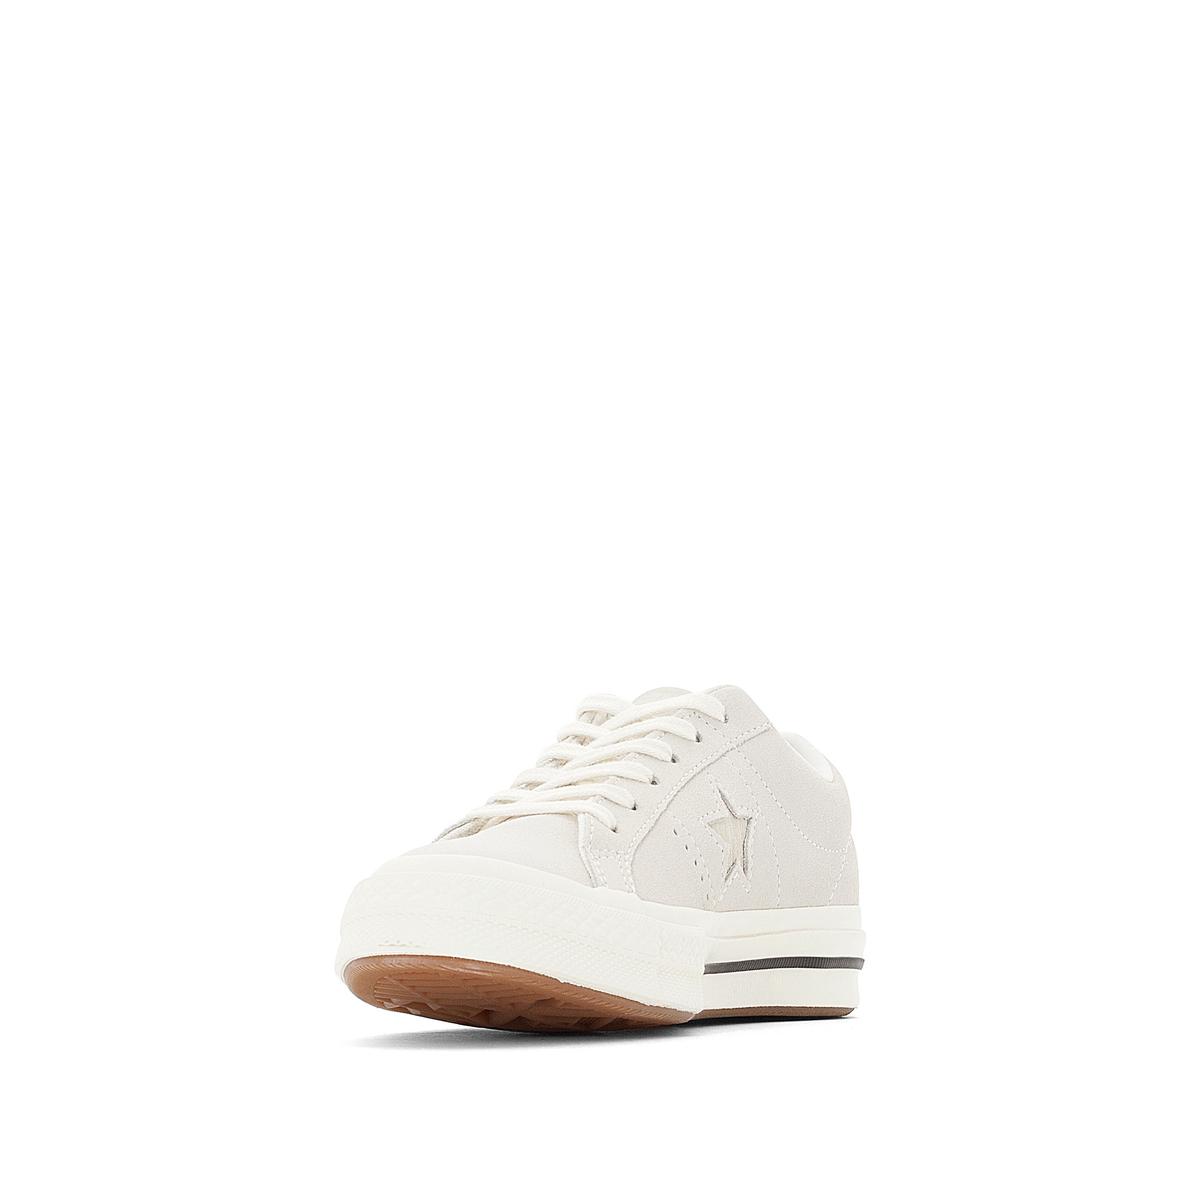 Imagen secundaria de producto de Zapatillas ONE STAR METALLIC SUEDE - Converse